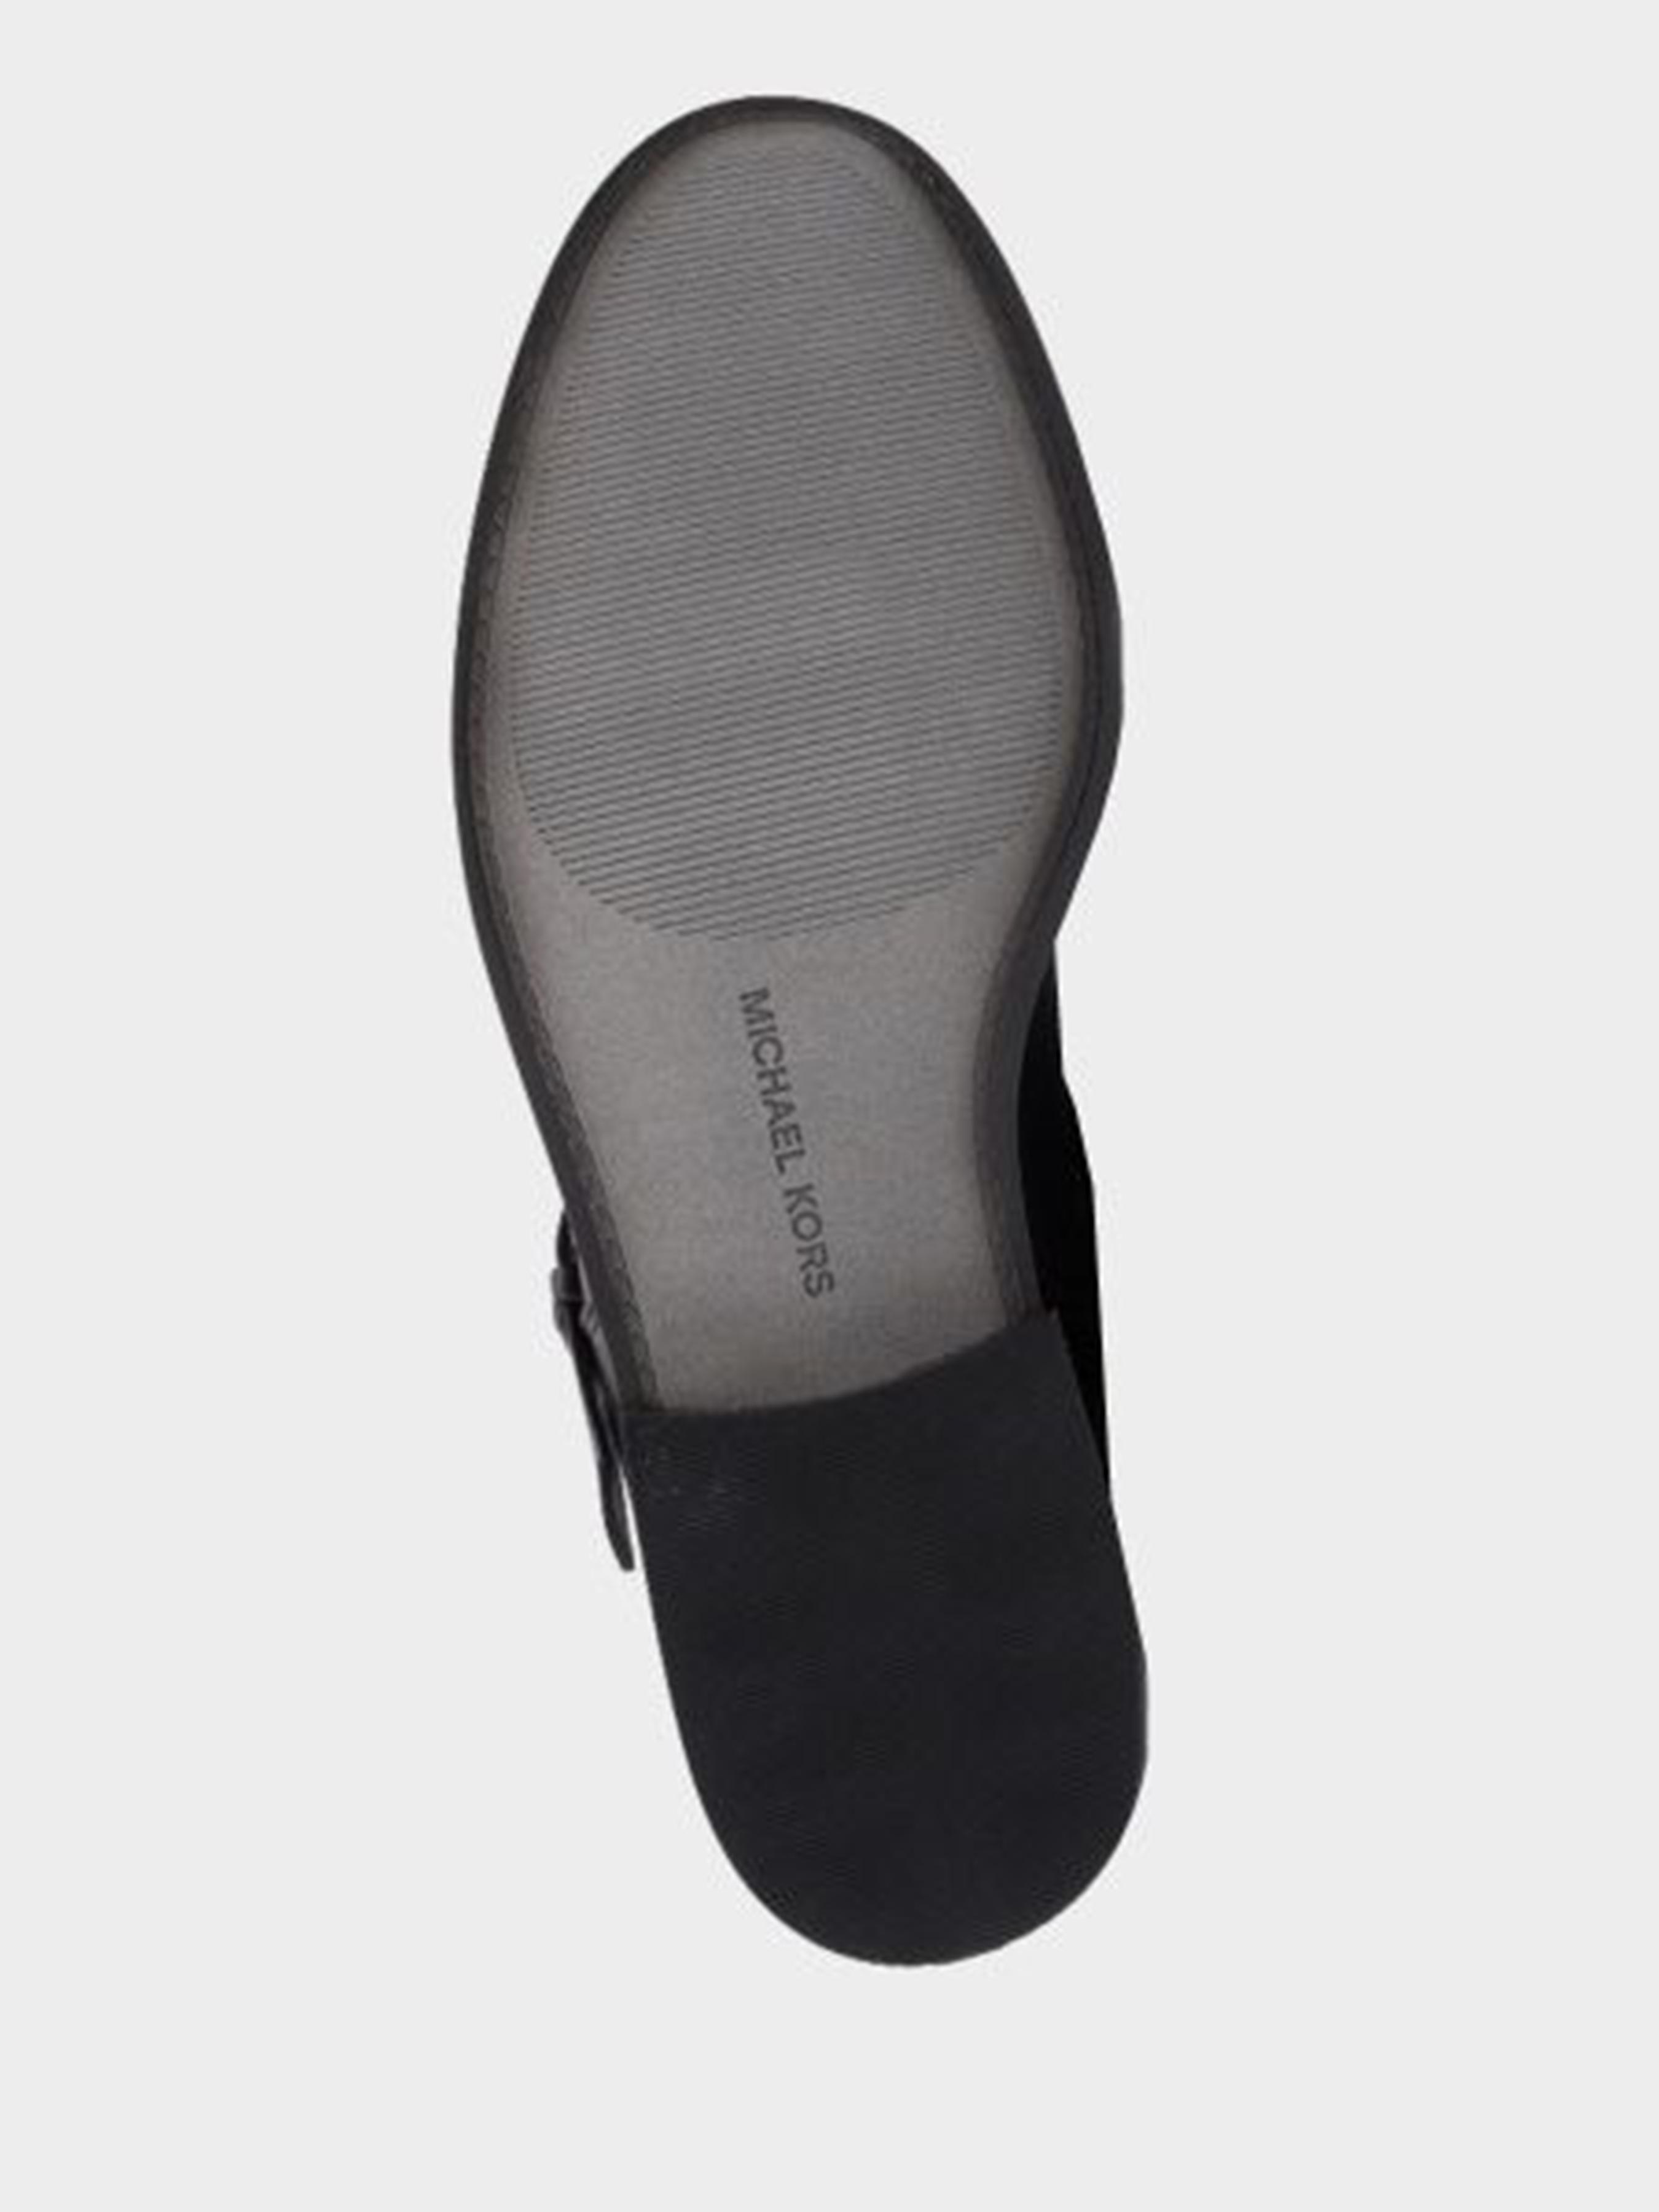 Ботинки женские Michael Kors 4Y41 продажа, 2017